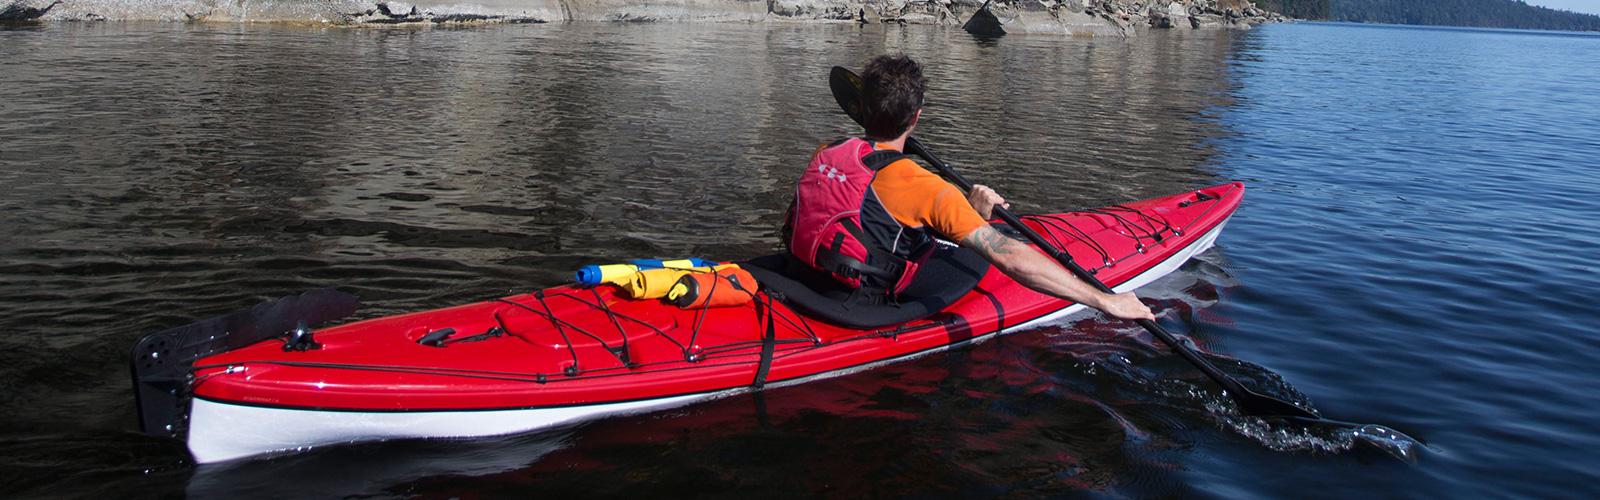 kayak-banner